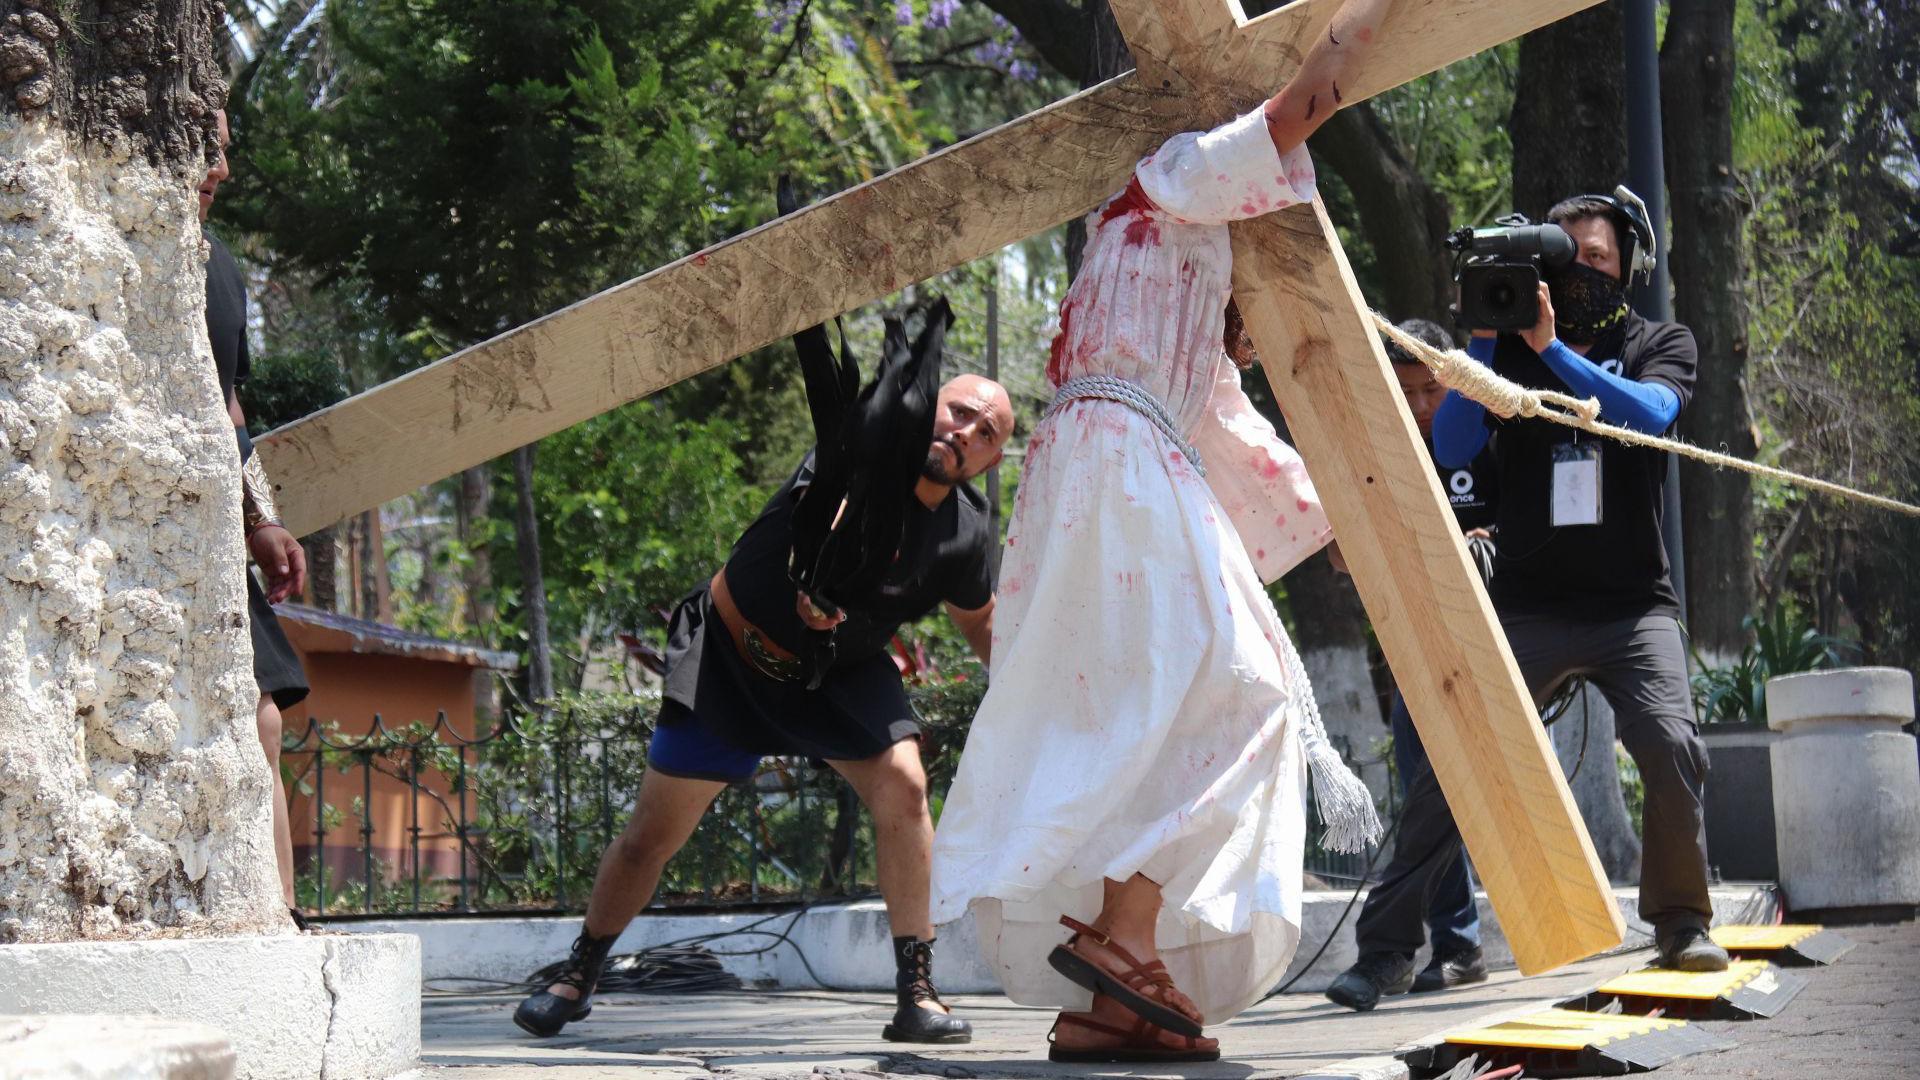 La representación se trasmitió a través de diversos medios de comunicación para que los creyentes pudieran presenciar esta celebración (Foto: Cuartoscuro)